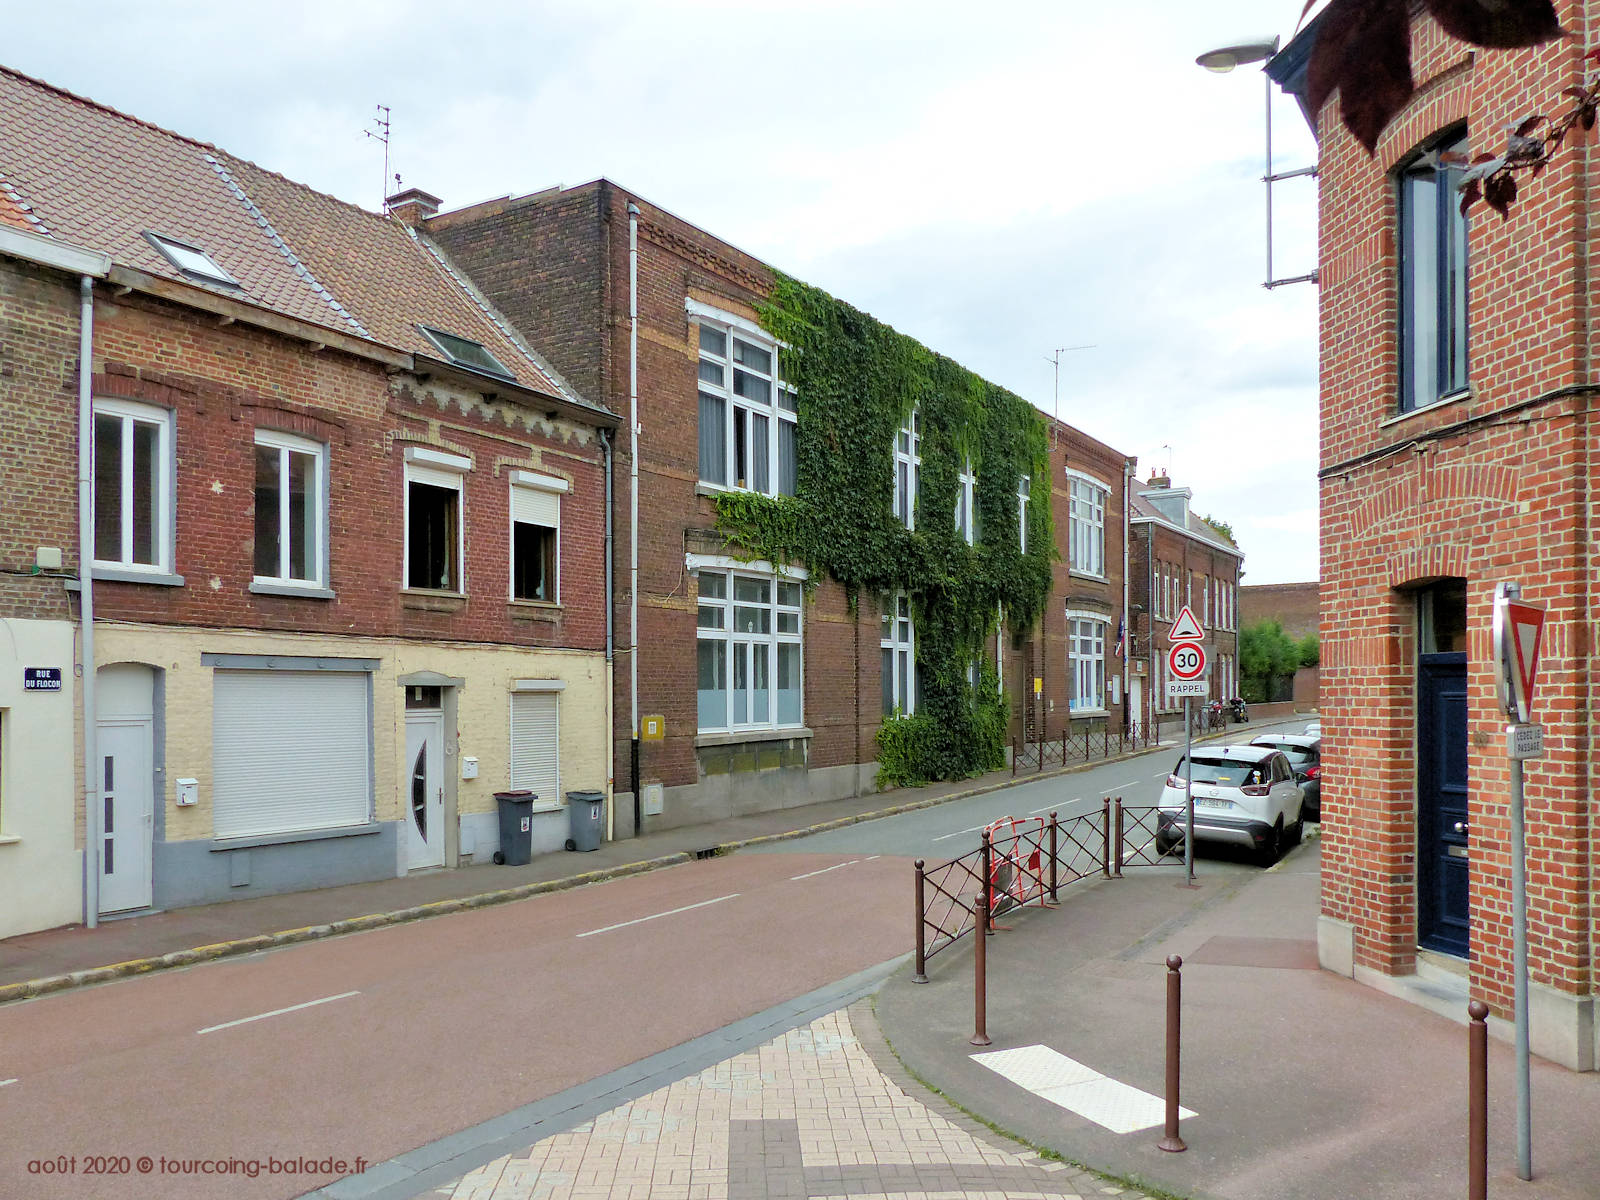 Rue du Flocon Tourcoing 2020 - École Jean Macé